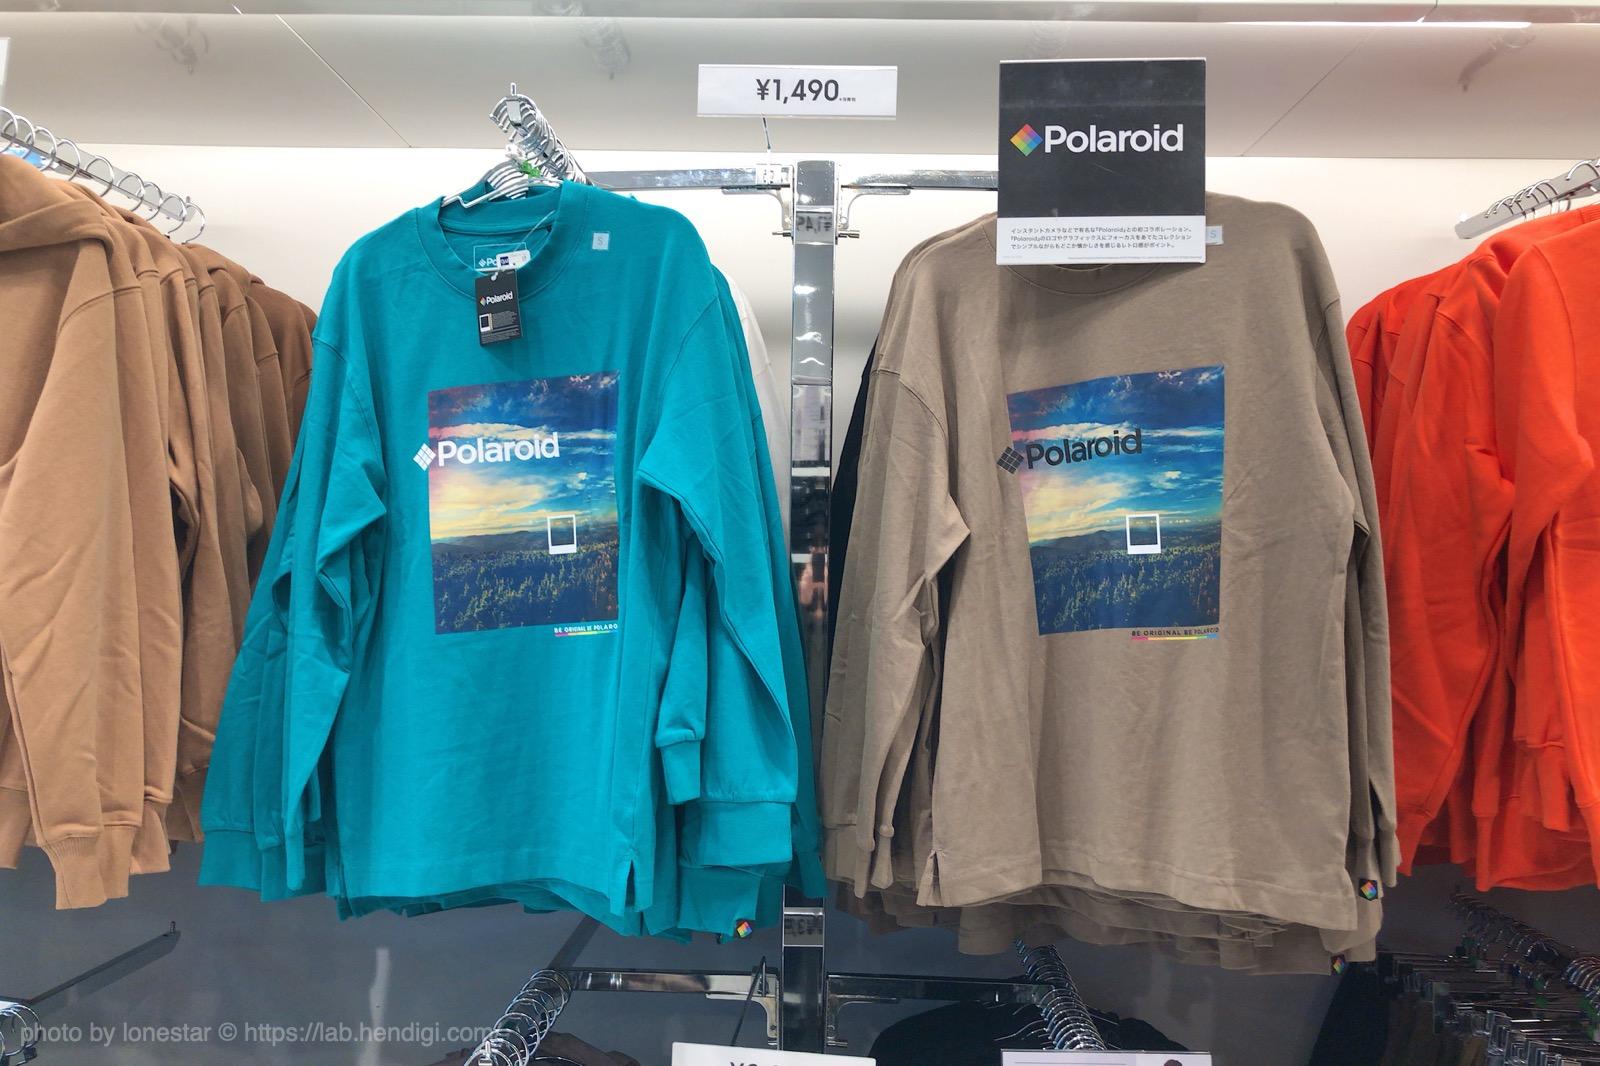 GU ポラロイド コラボ Tシャツ